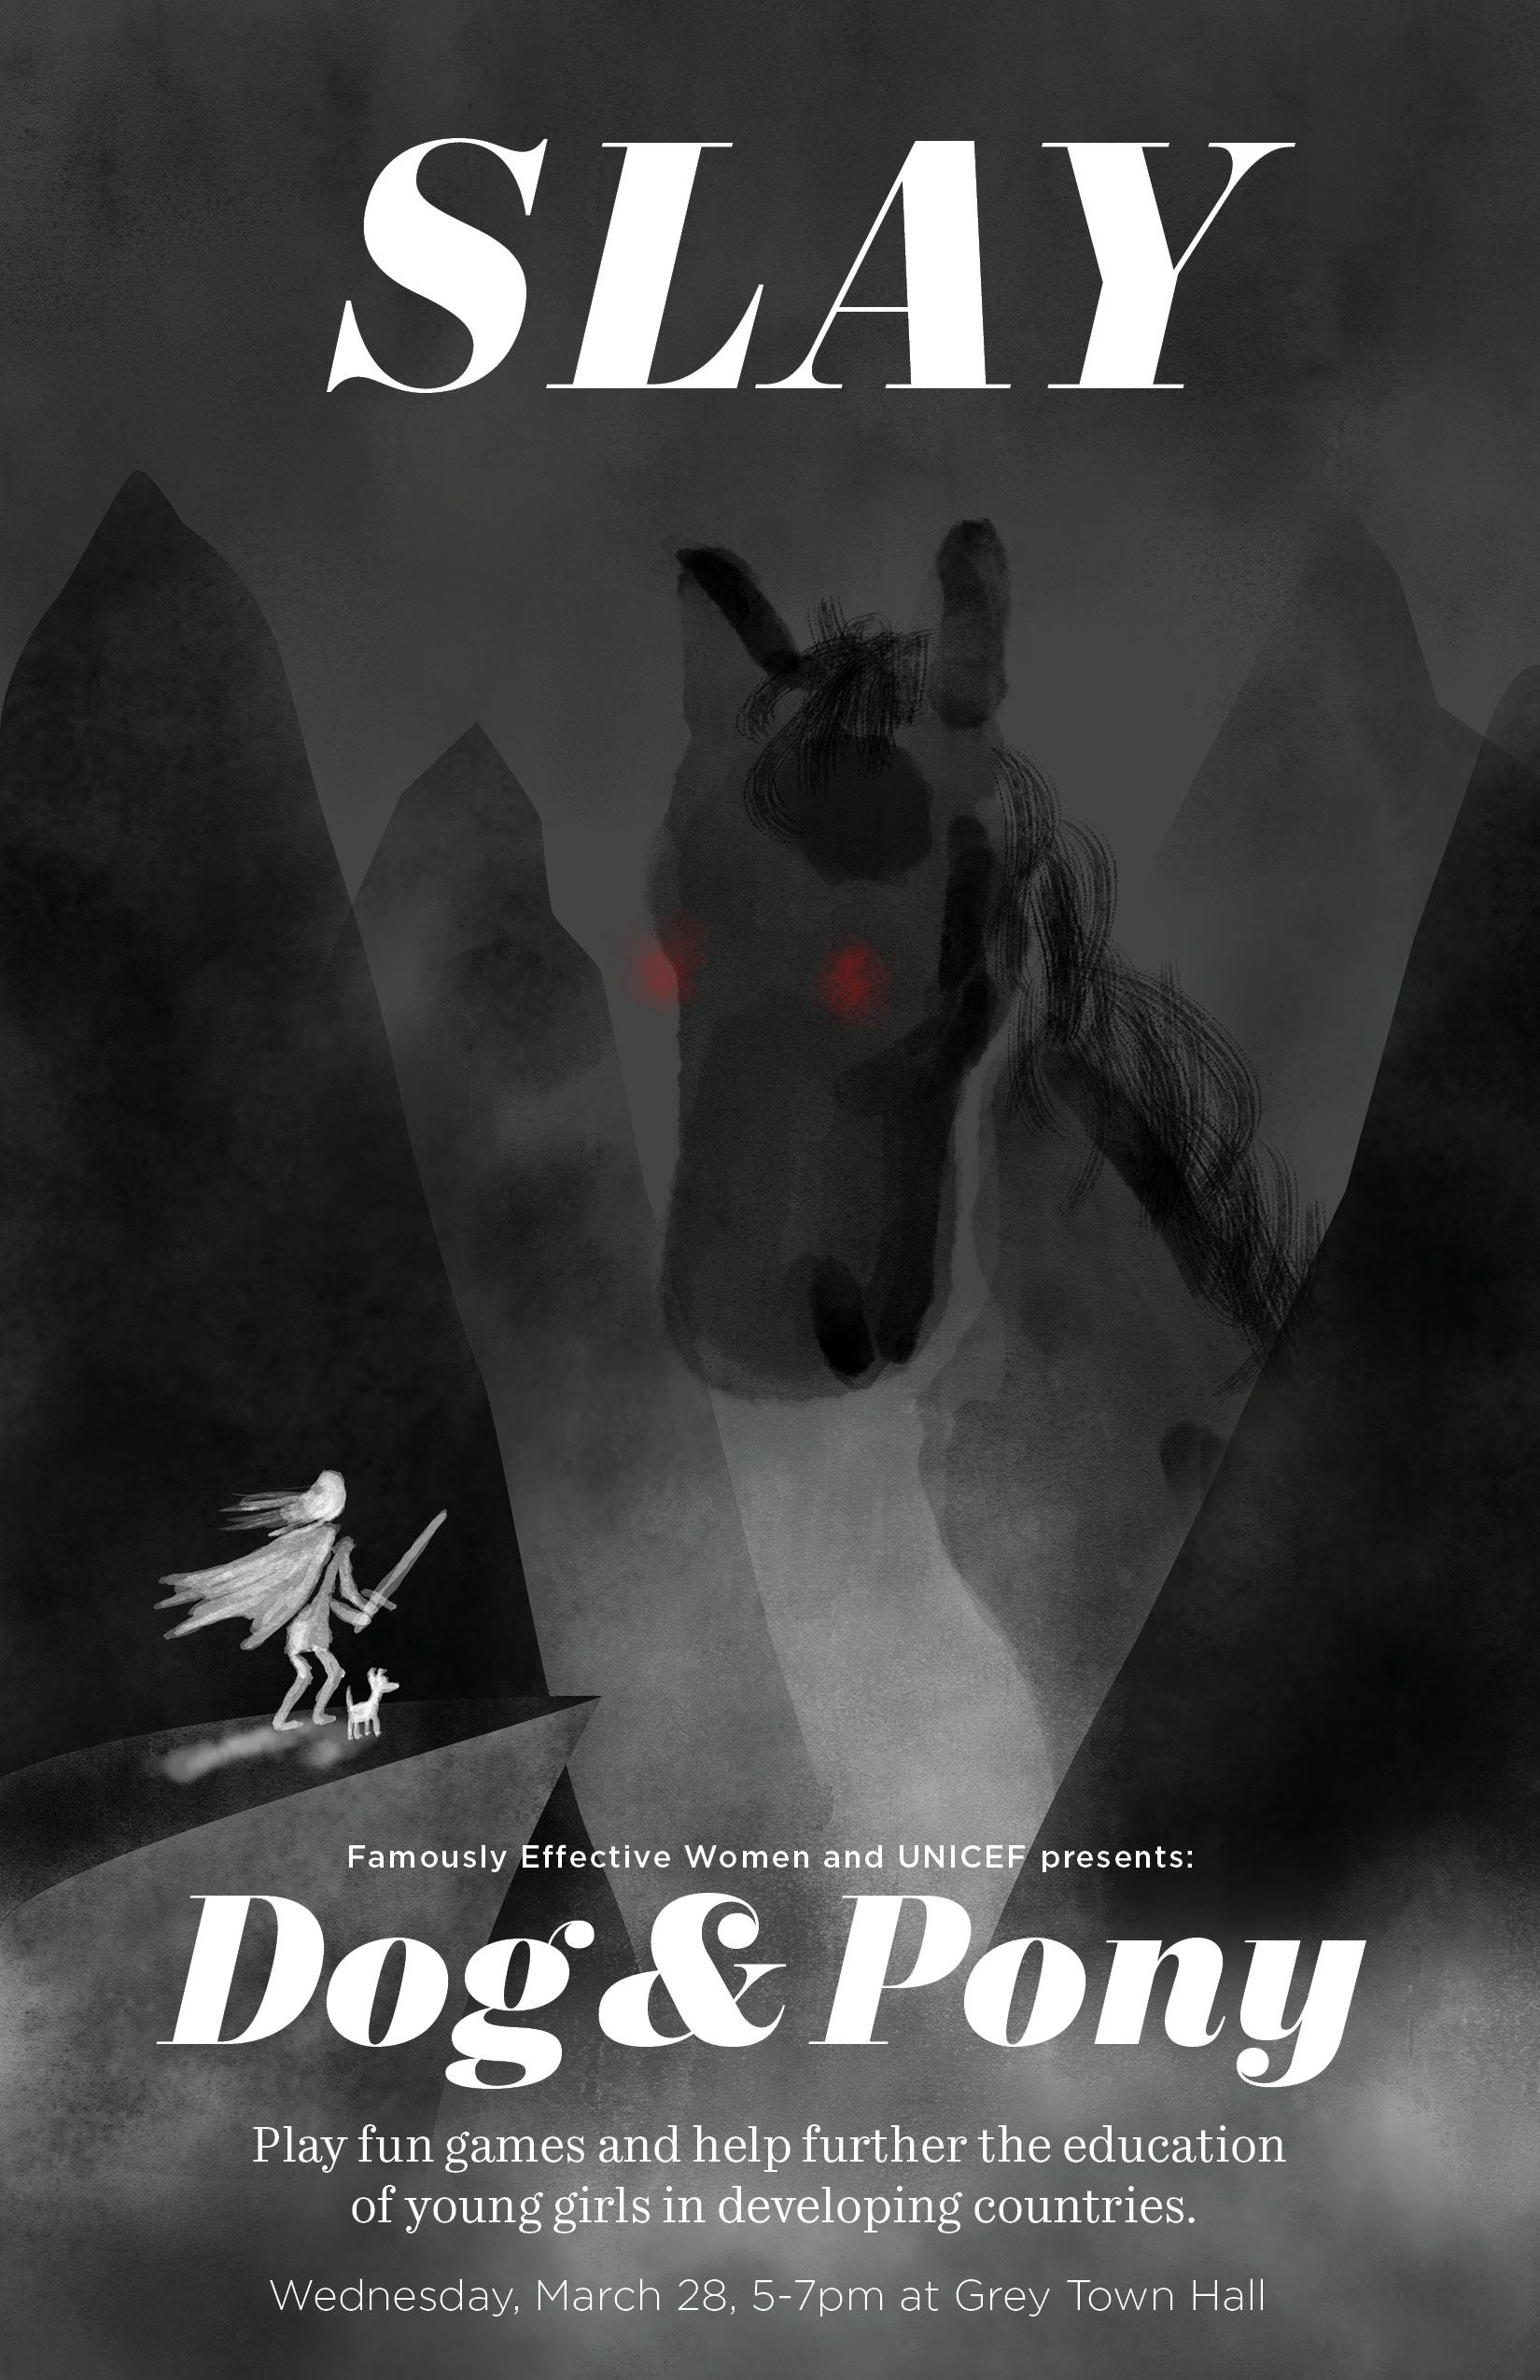 grey-effective-women_dog-and-pony_slay_11x17_180313_jd-nh_v1.3.jpg